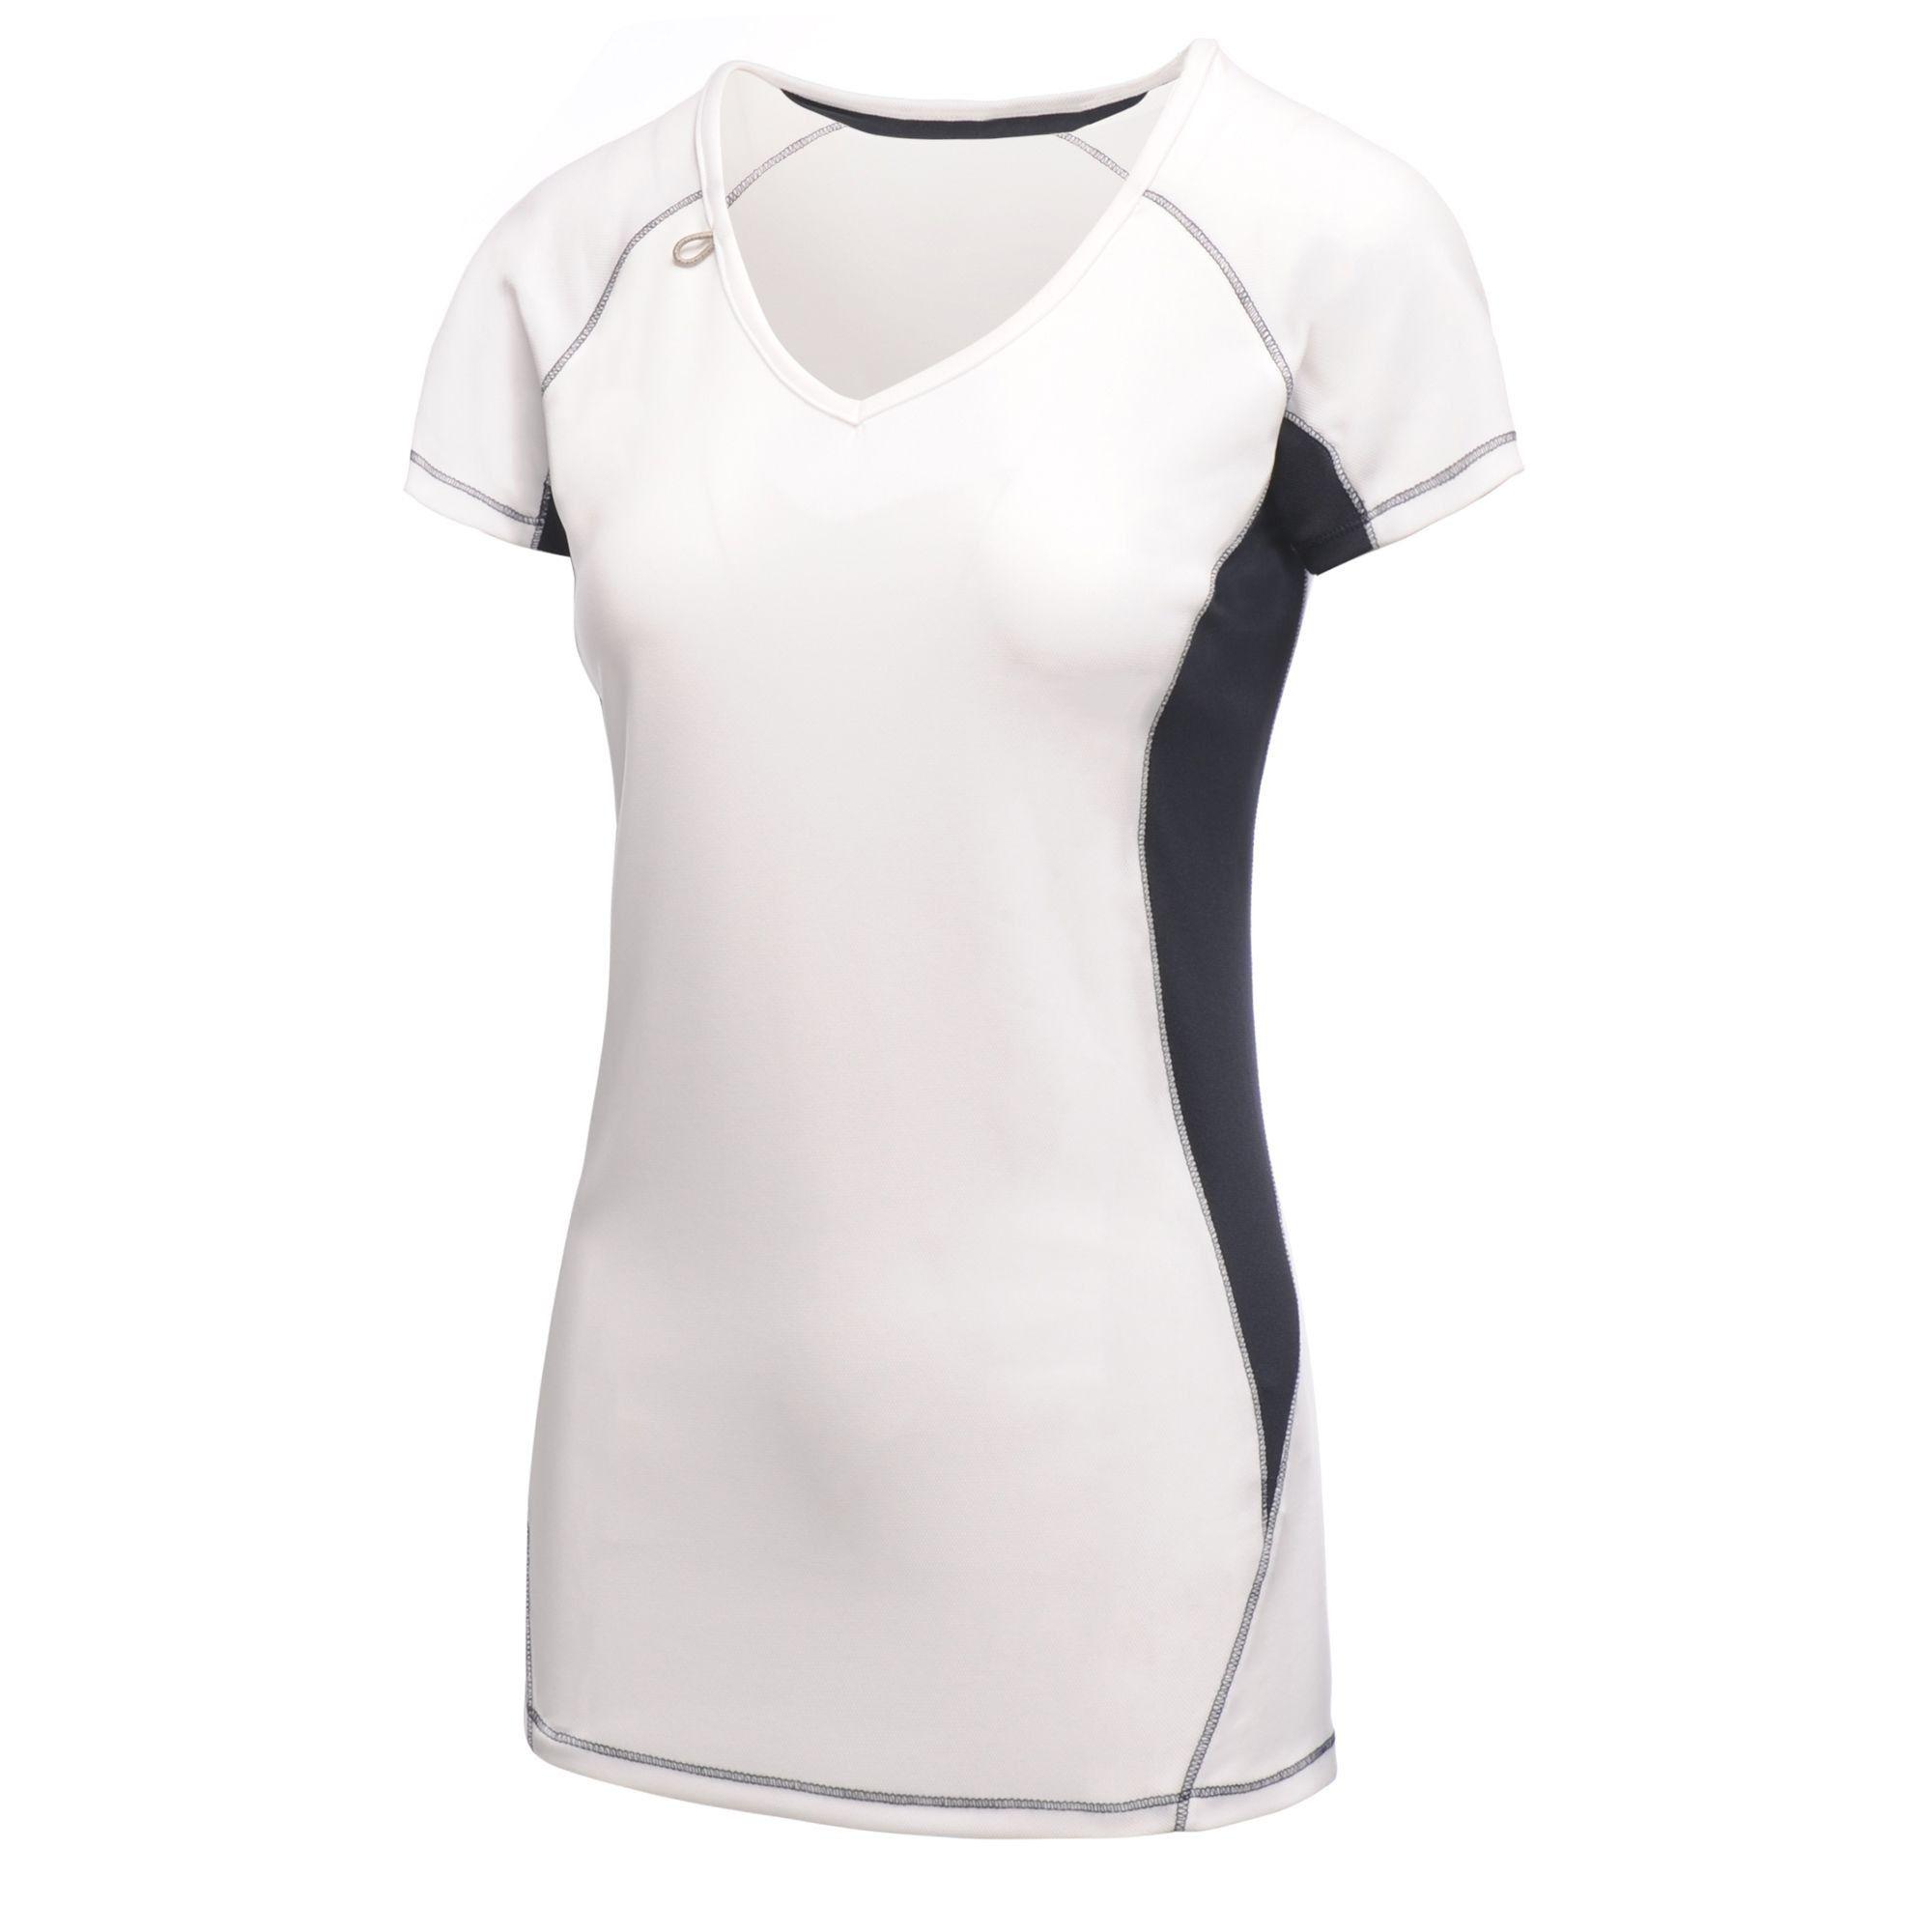 Regatta Activewear Womens Beijing Short Sleeve T-Shirt